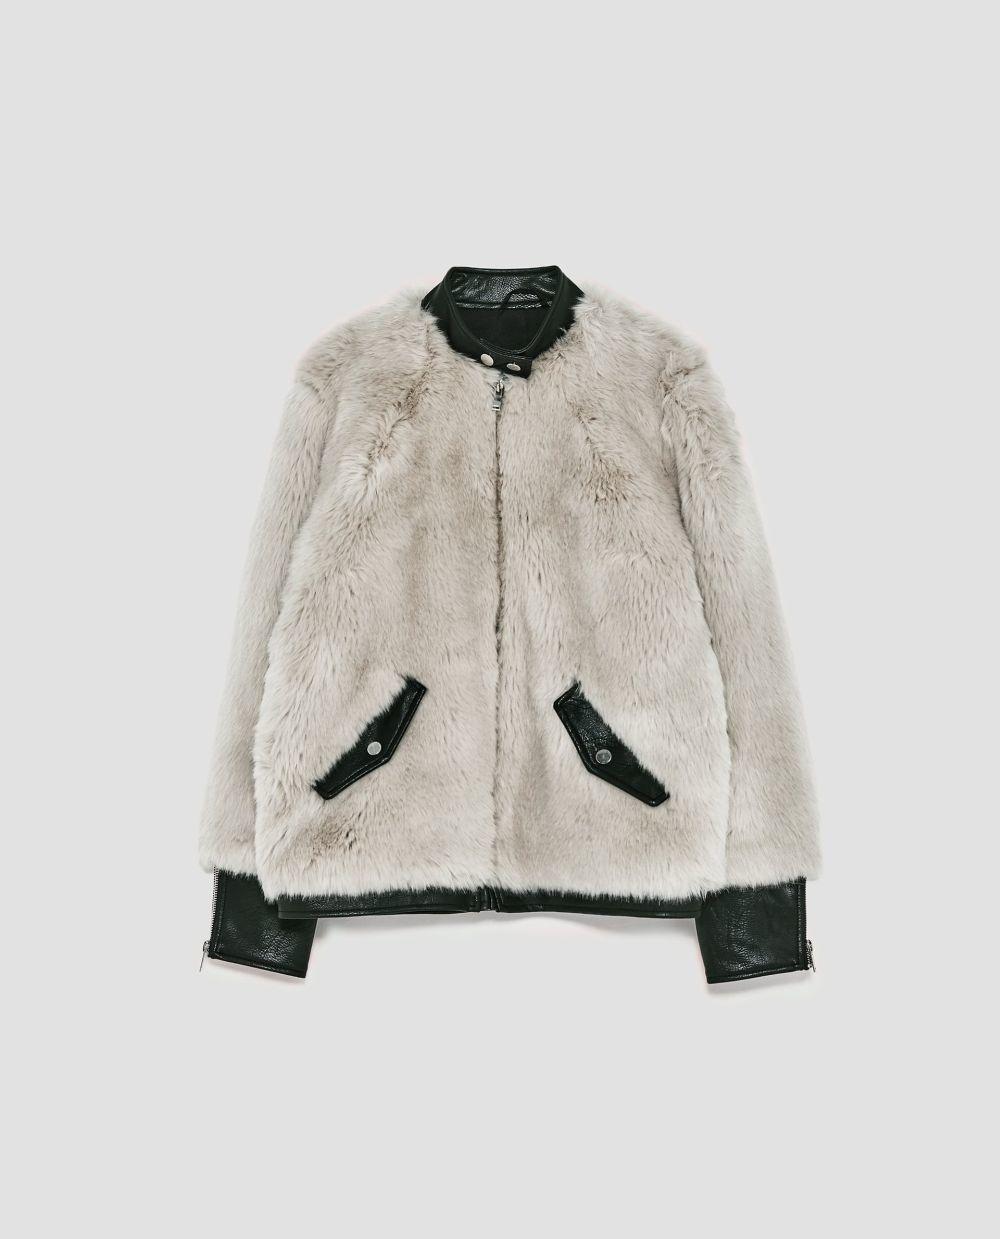 Bomber de Zara (79,95 euros)